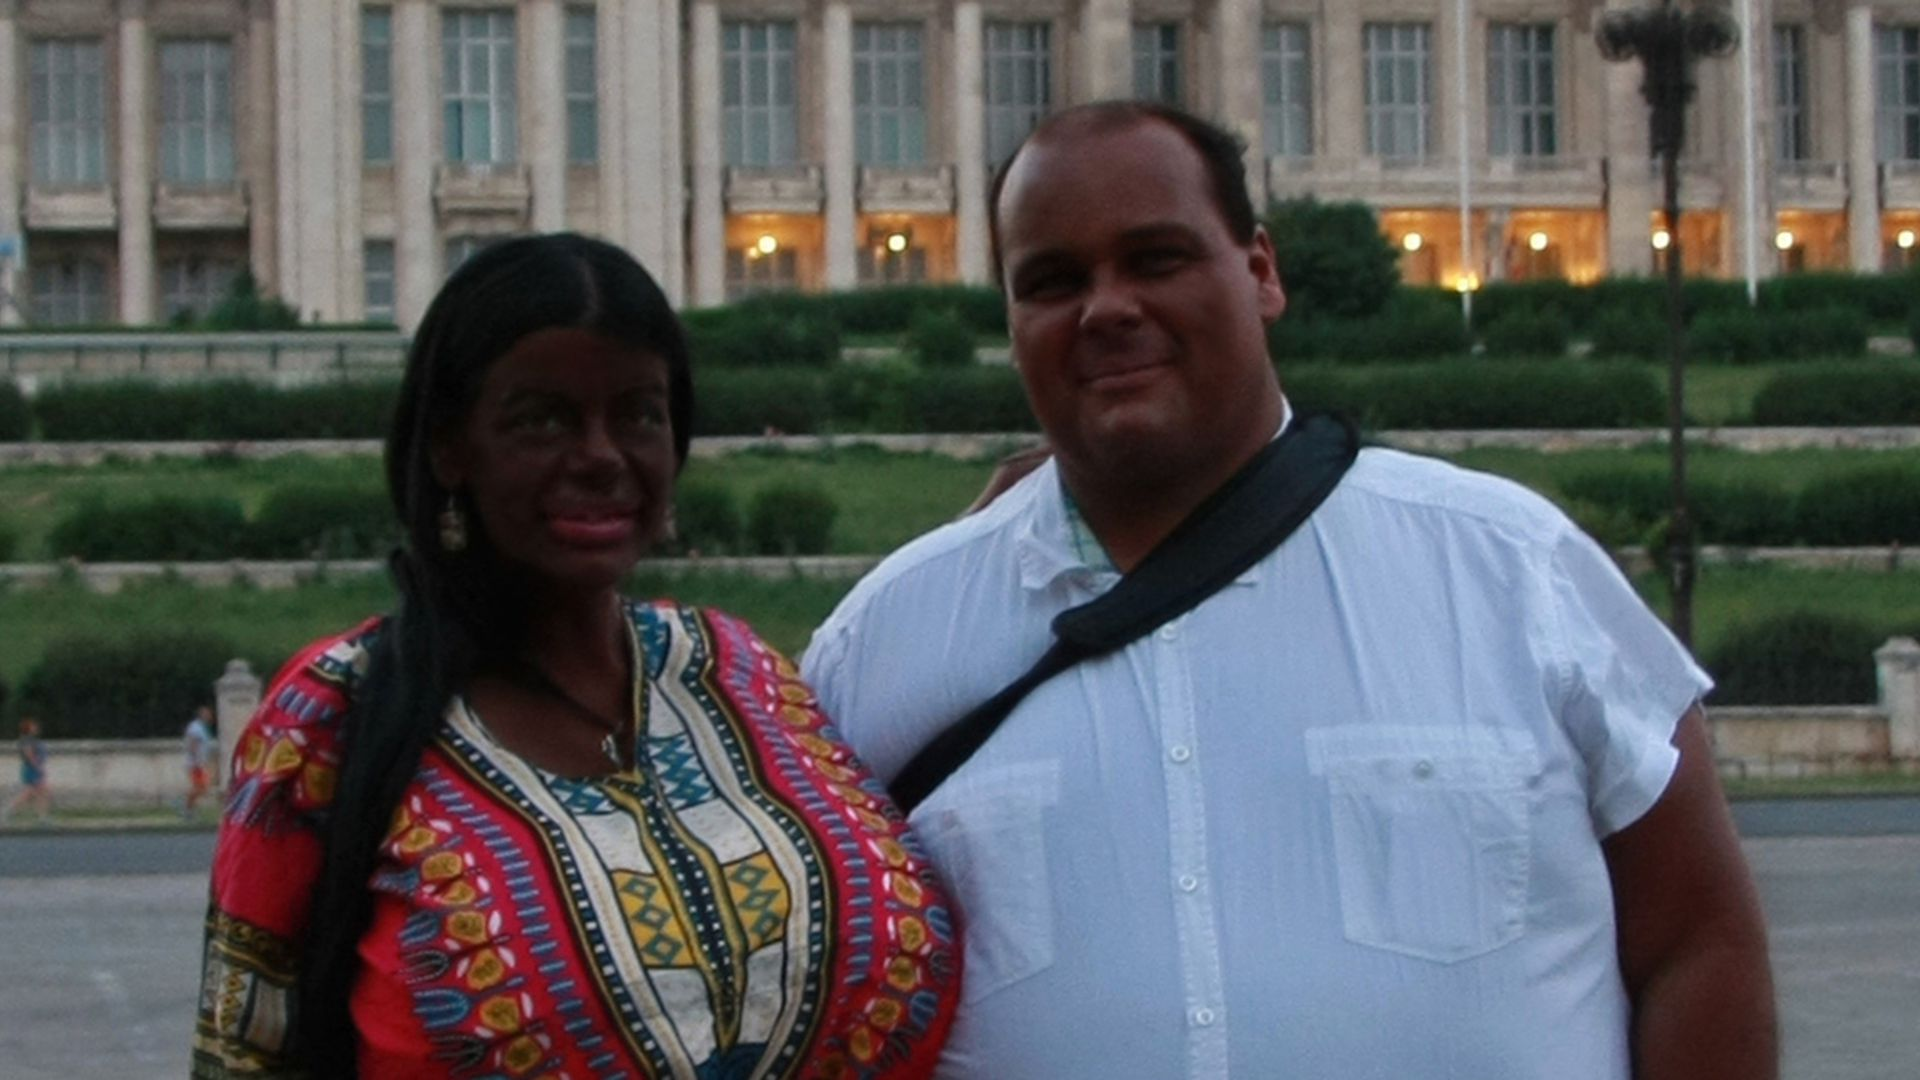 Martina Und Michael